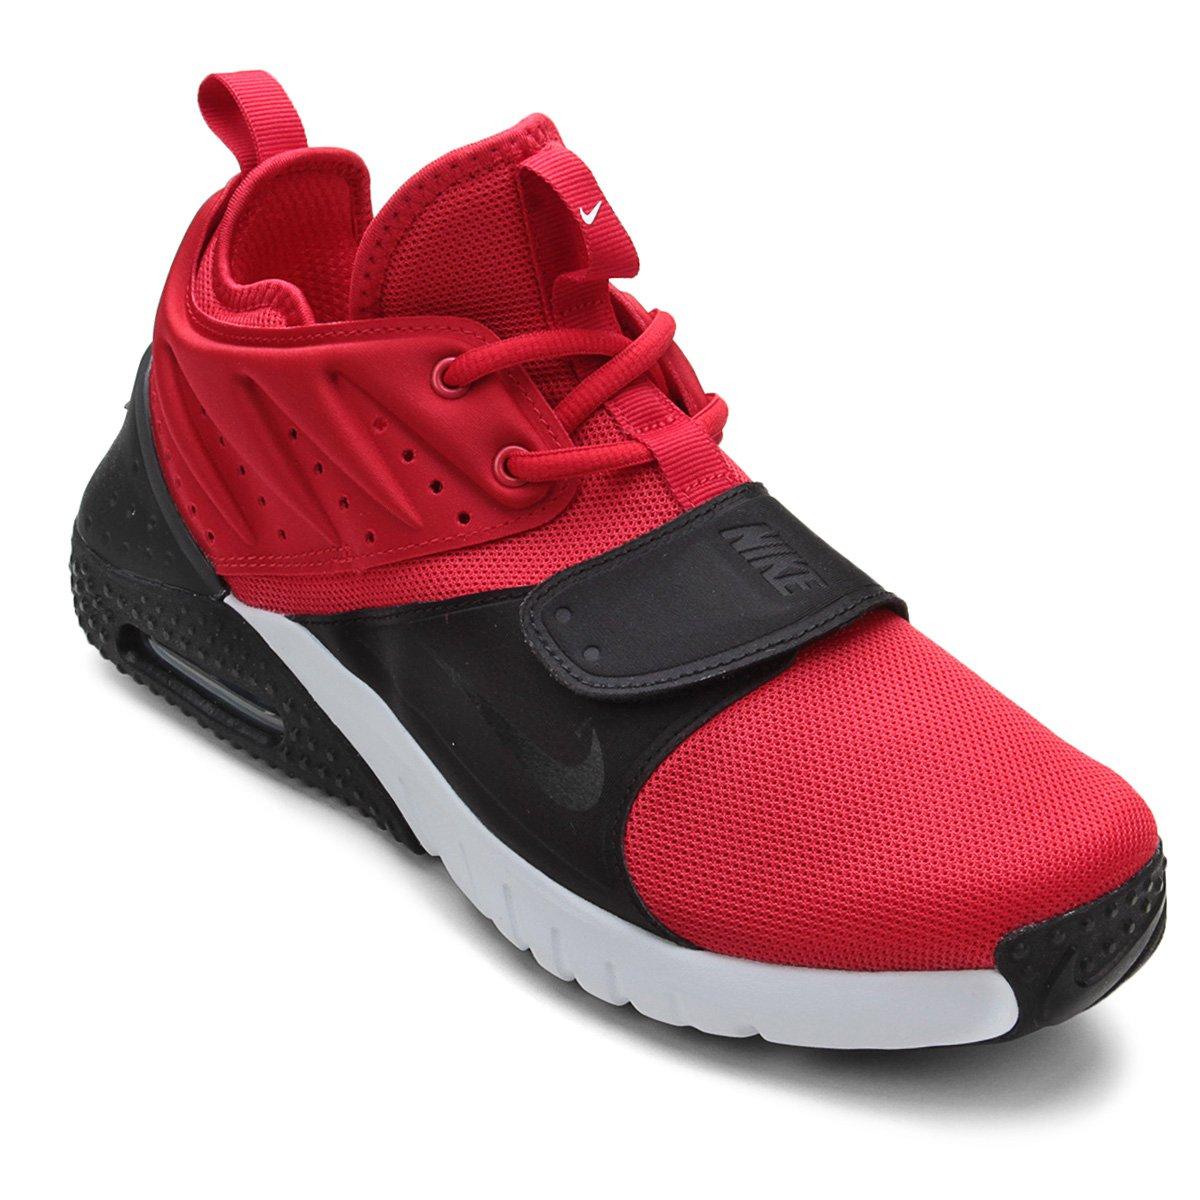 d3198cd851d Tênis Nike Air Max Trainer 1 Masculino - Vermelho e Branco - Compre Agora